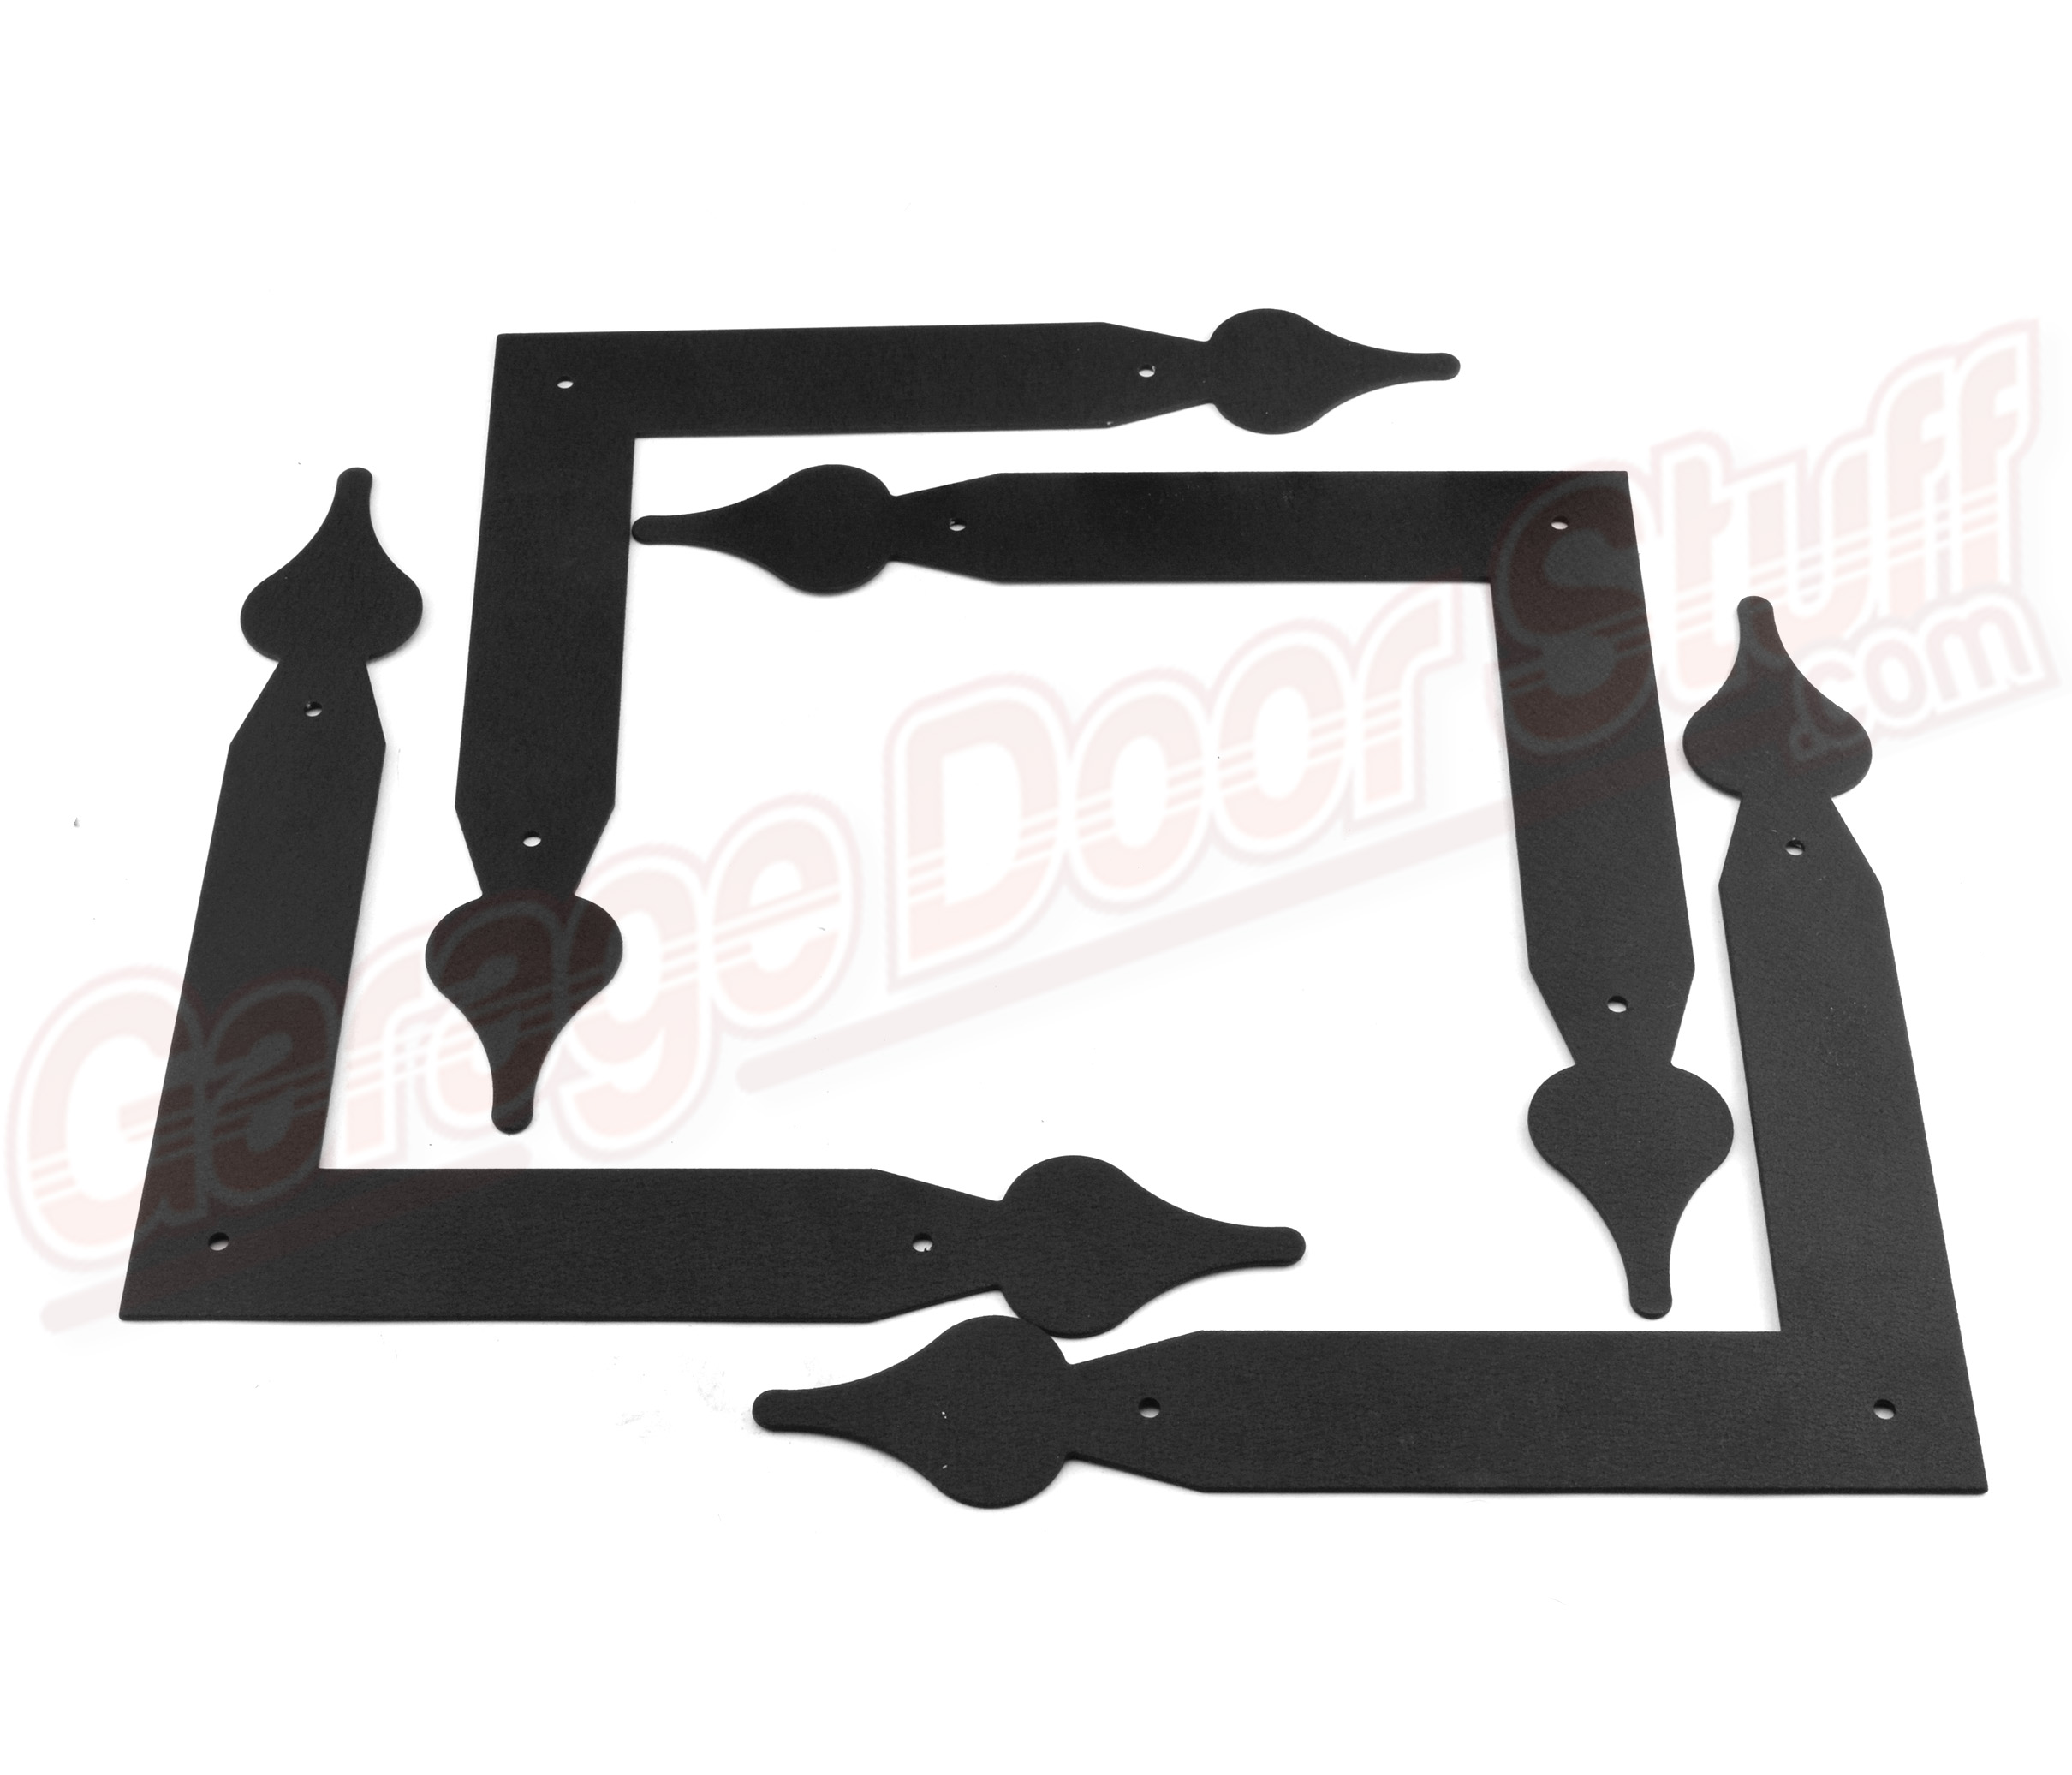 uncategorized moulding door trend hardware idea image decorative tfast menards trim decor kit garage and for shocking